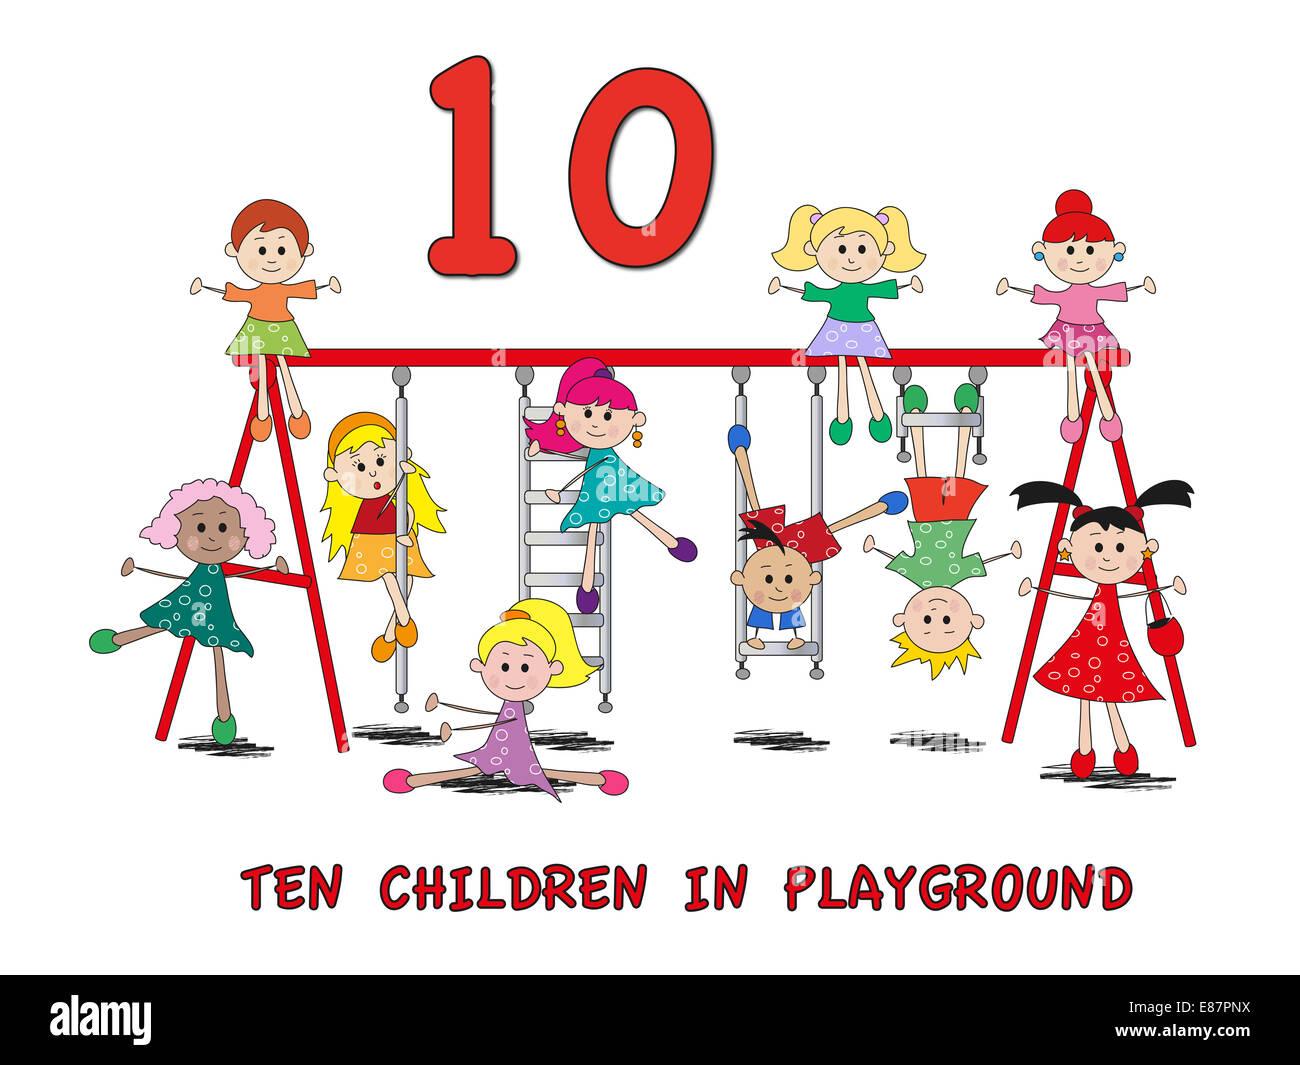 5 Número De Stock Con Niños De Dibujos Animados Foto Imagen De